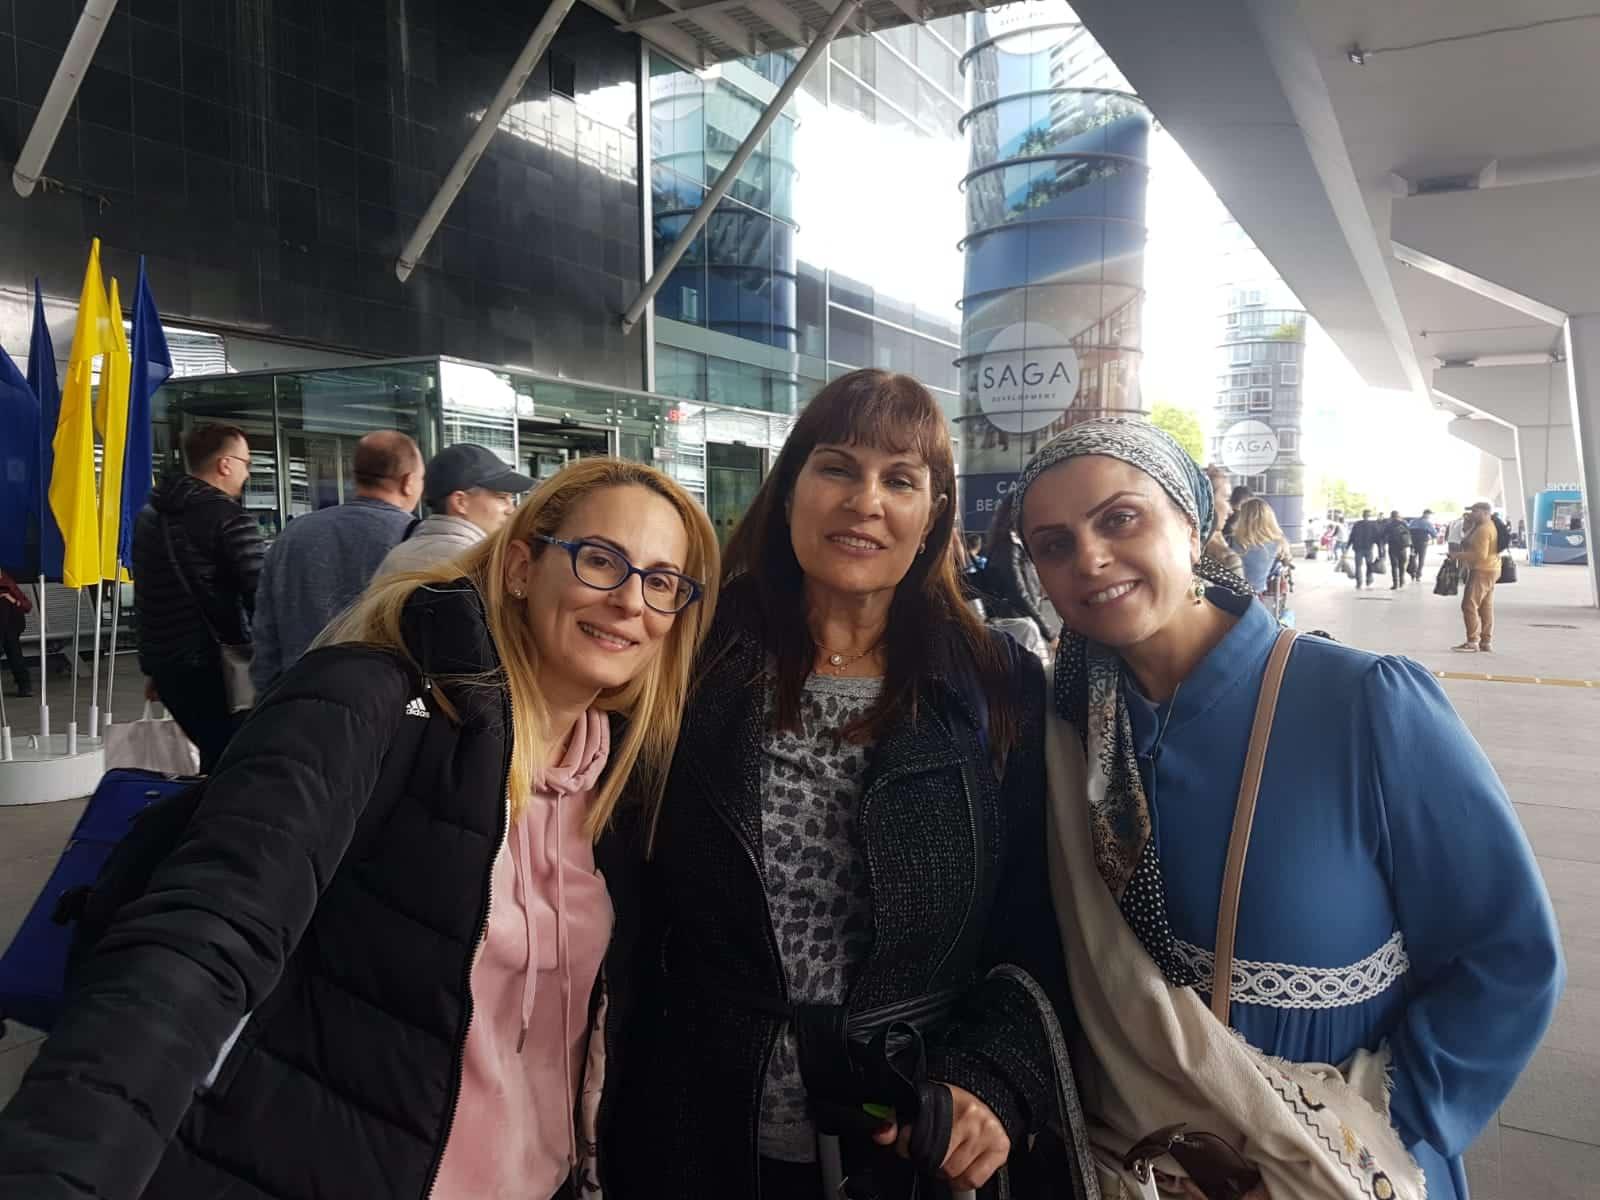 אהובה עם 2 נשים טסות לאומן